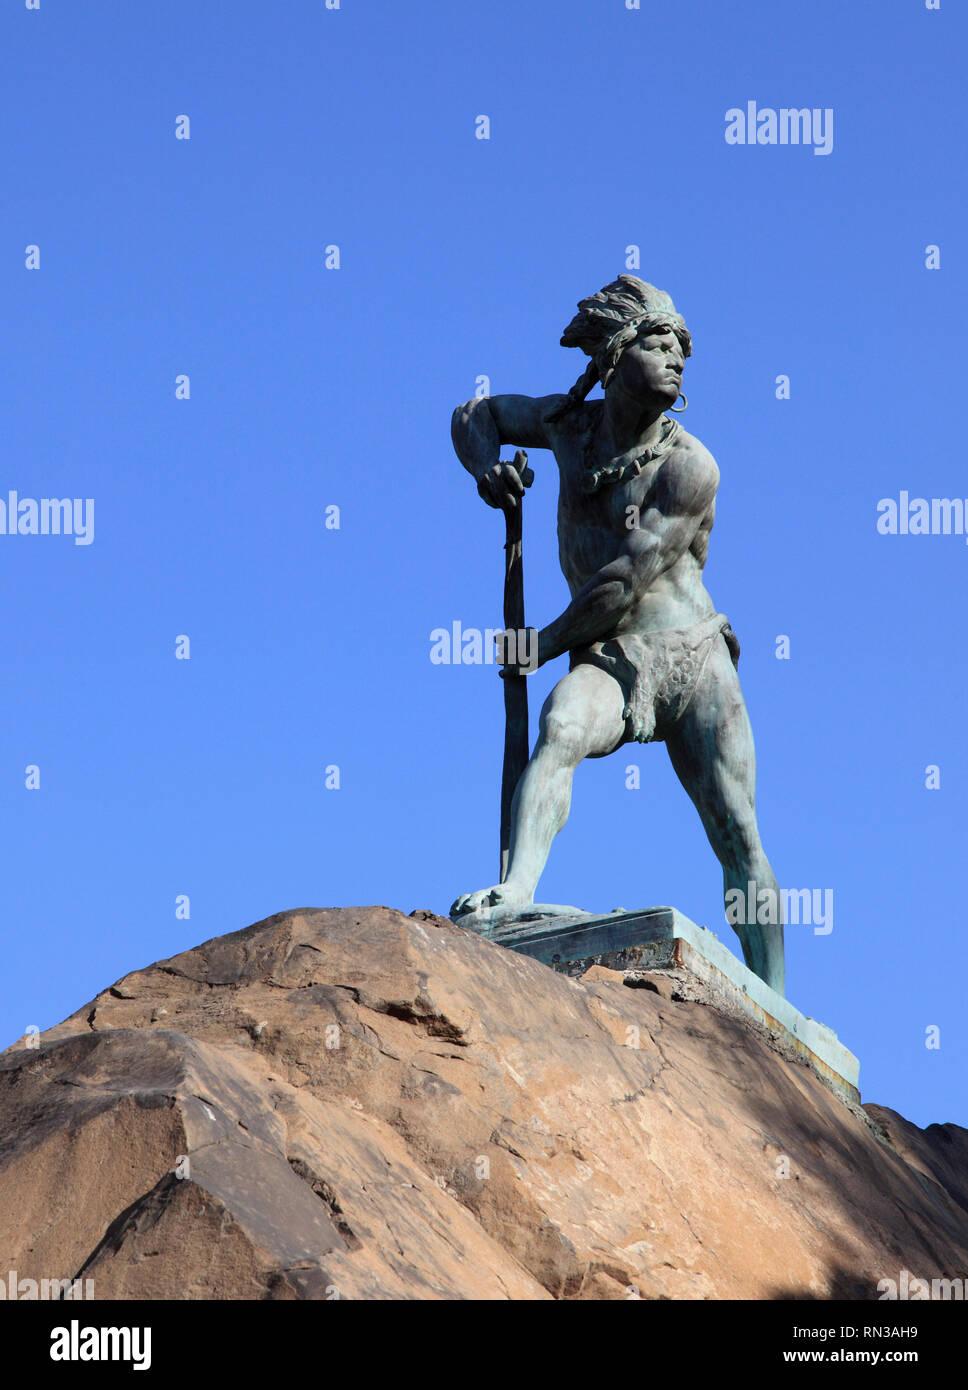 Chile, Santiago, Cerro Santa Lucia, statue of Caupolican, mapuche warrior, - Stock Image